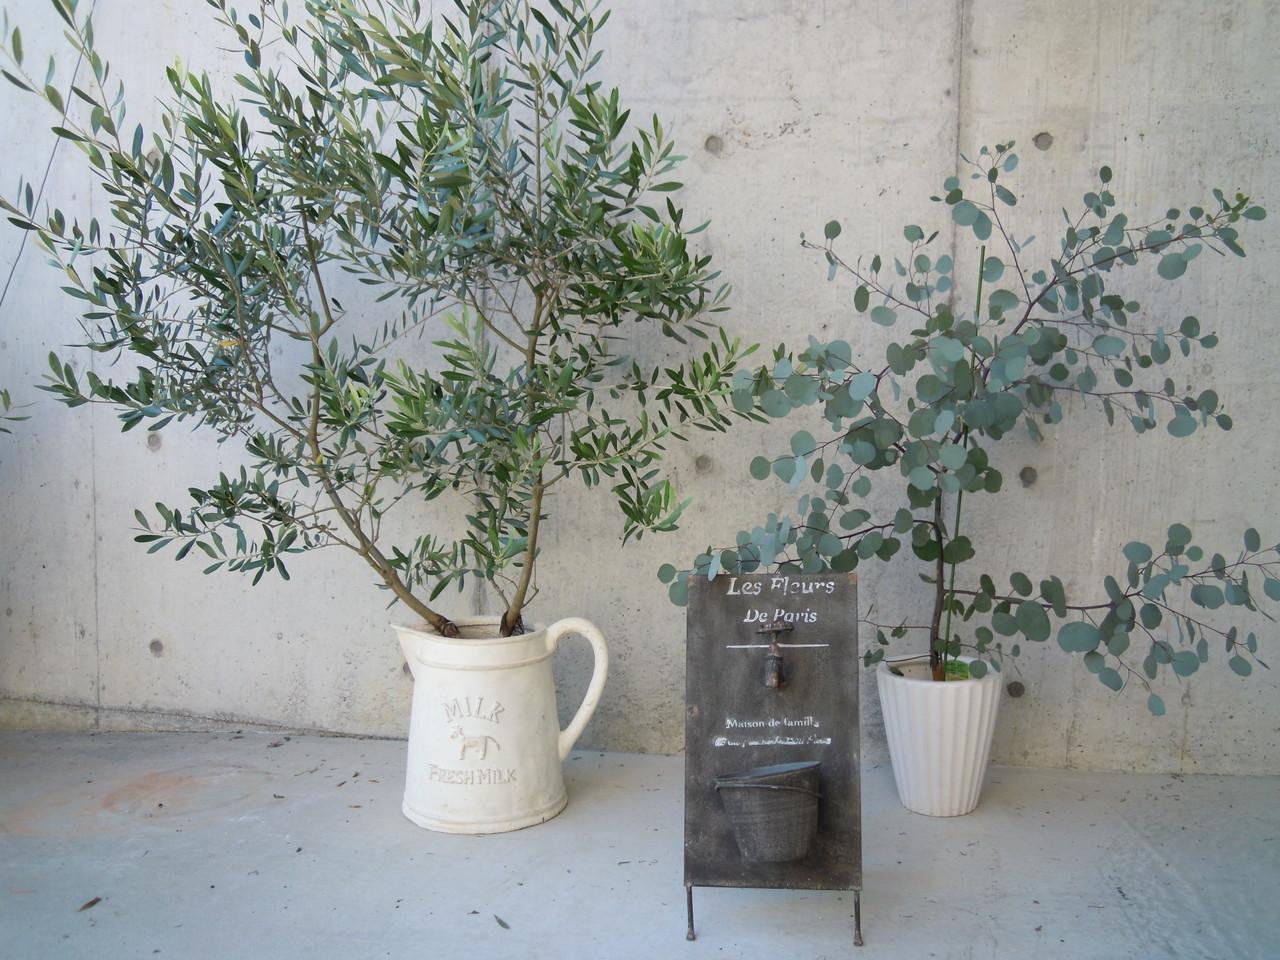 シンボルツリー&ユーカリ・ポポラス